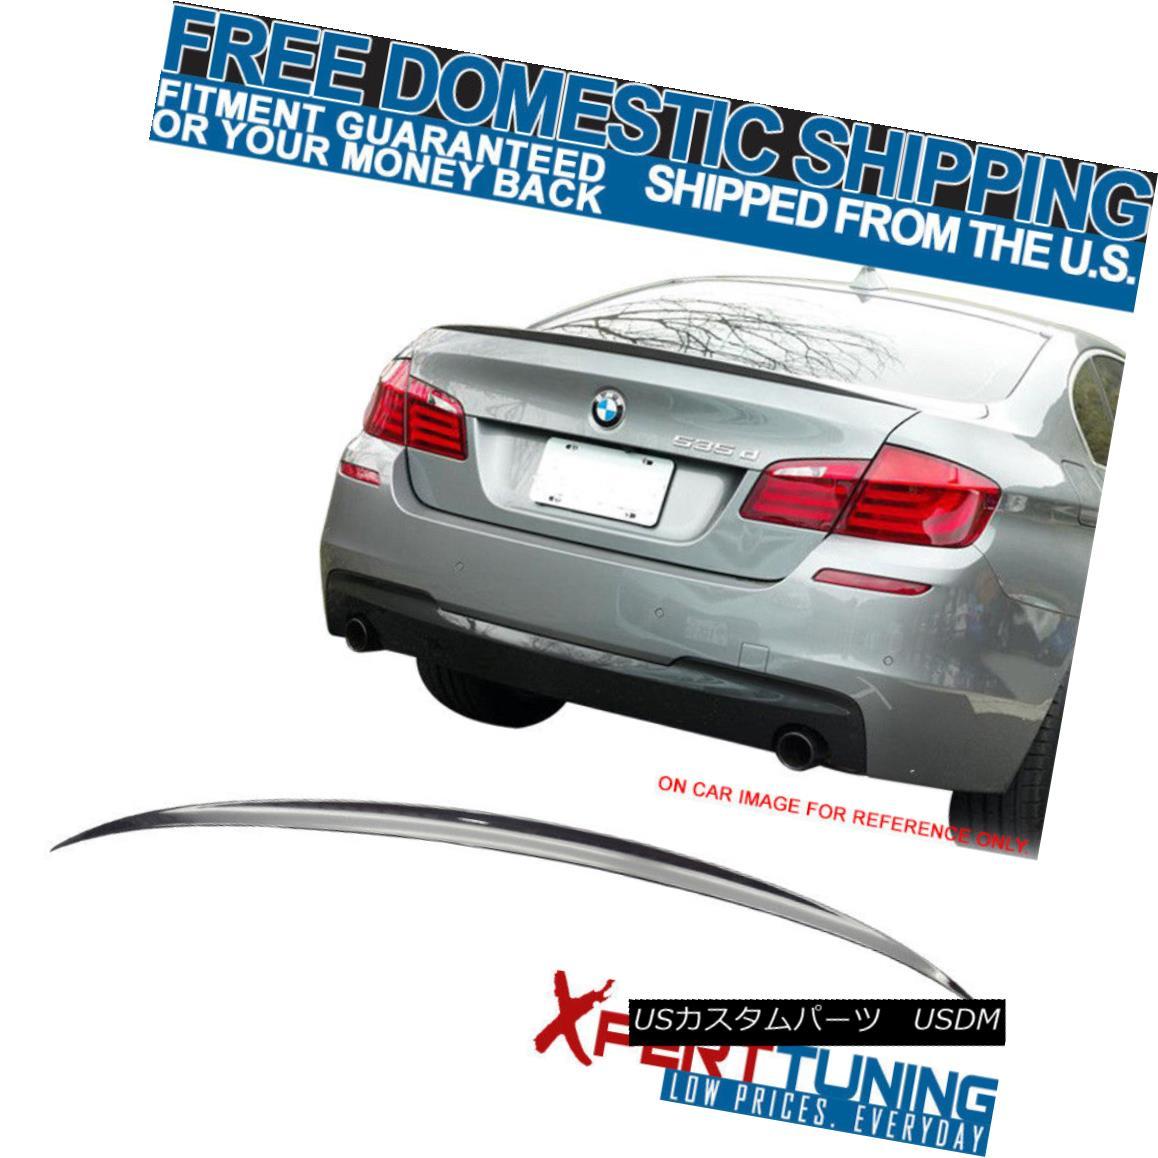 エアロパーツ Fit For 11-16 BMW 5-Series F10 4Dr M5 #668 Jet Black Painted Trunk Spoiler BMW 5シリーズF10 4Dr M5#668ジェットブラック塗装トランク・スポイラー